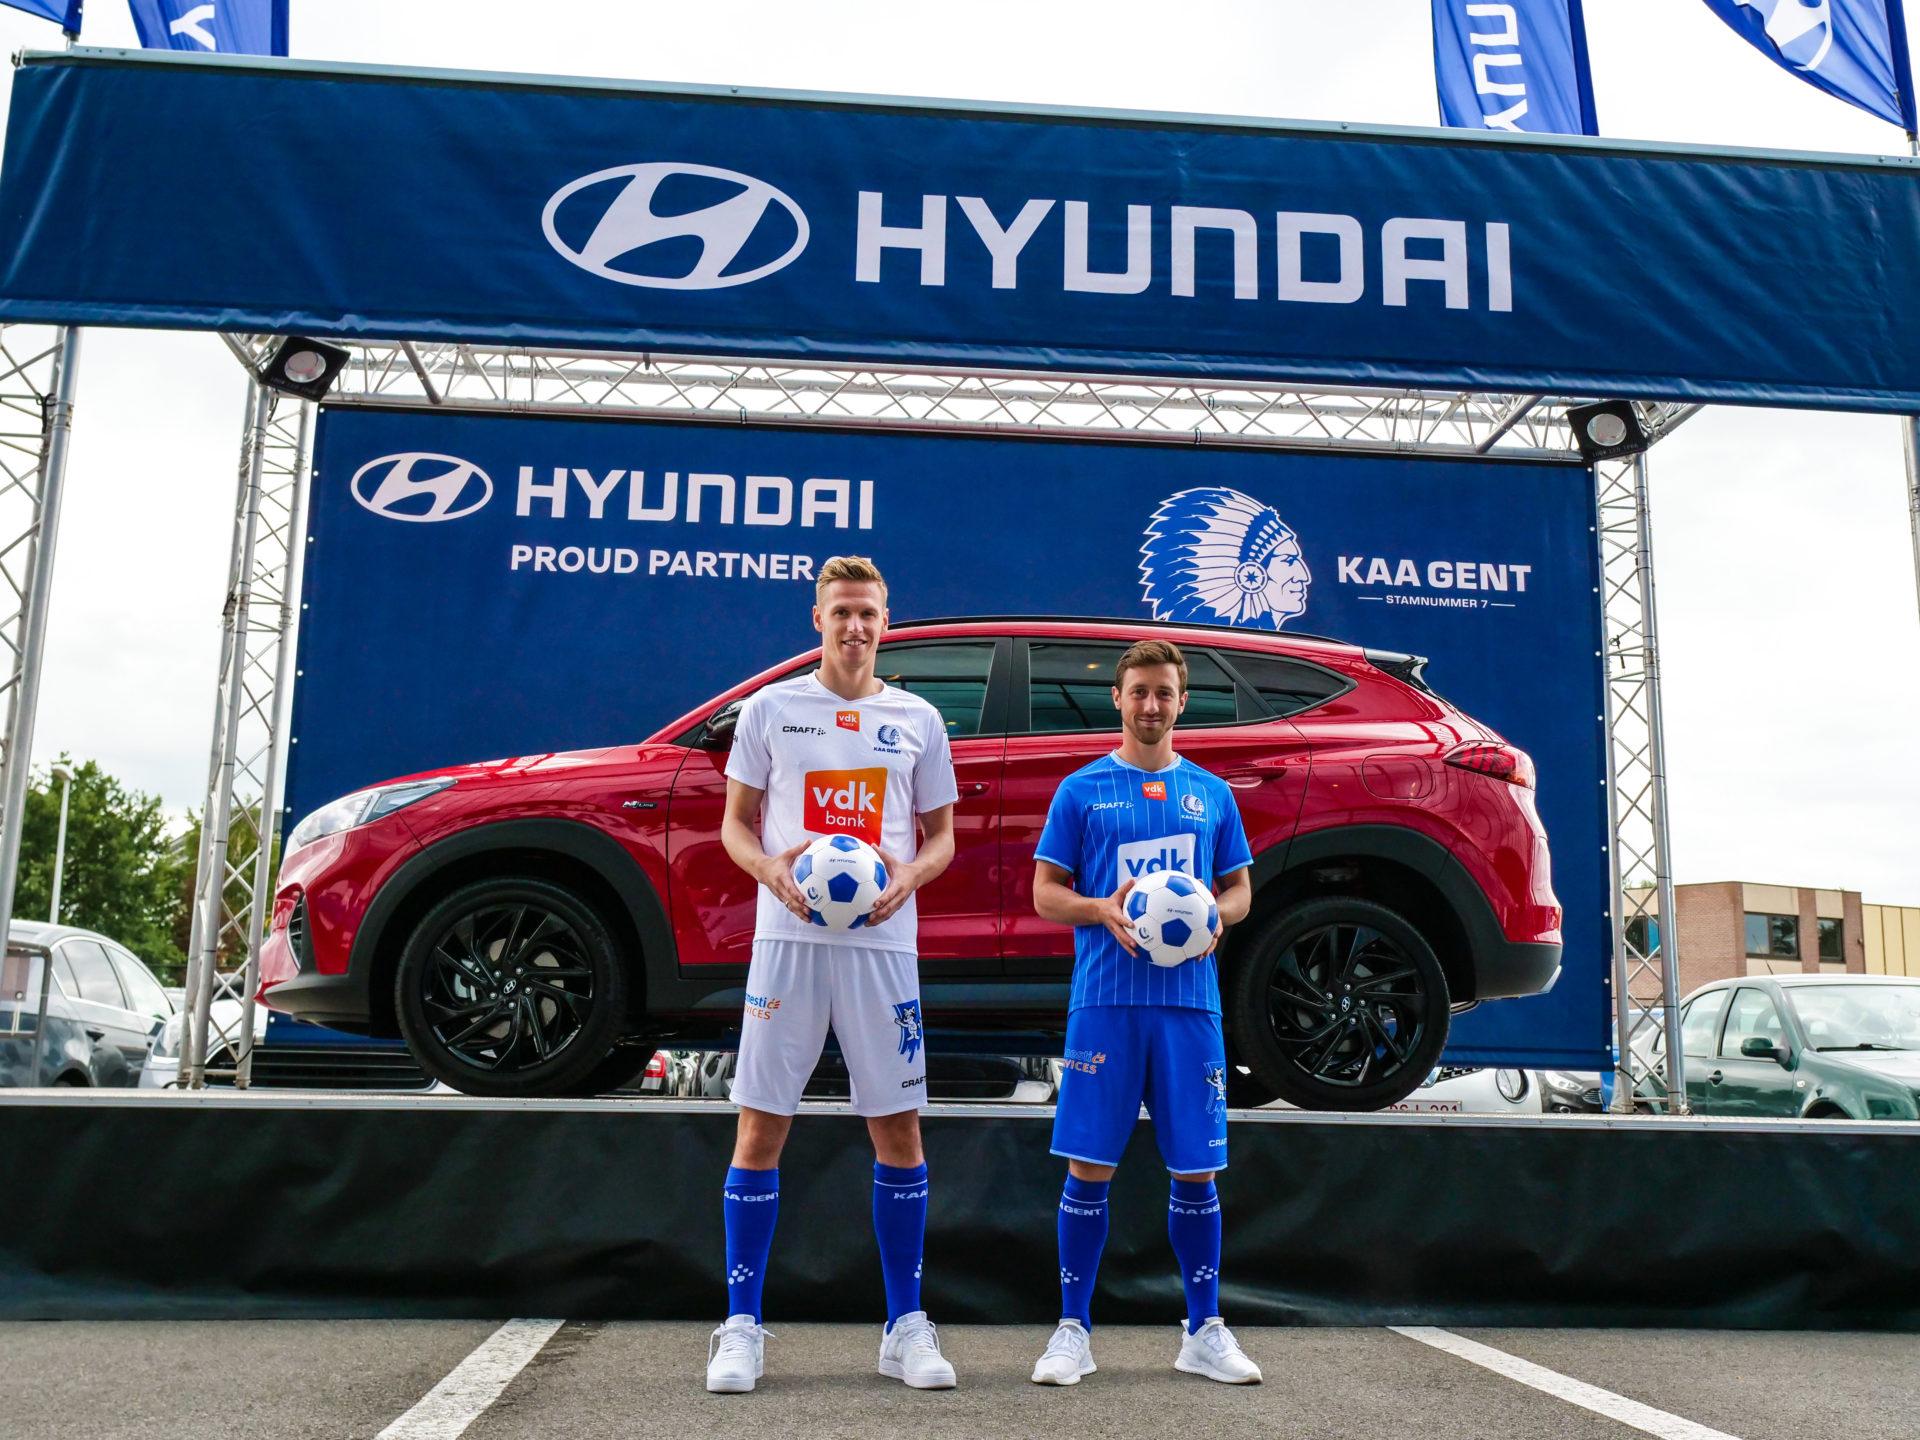 Hyundai Belux